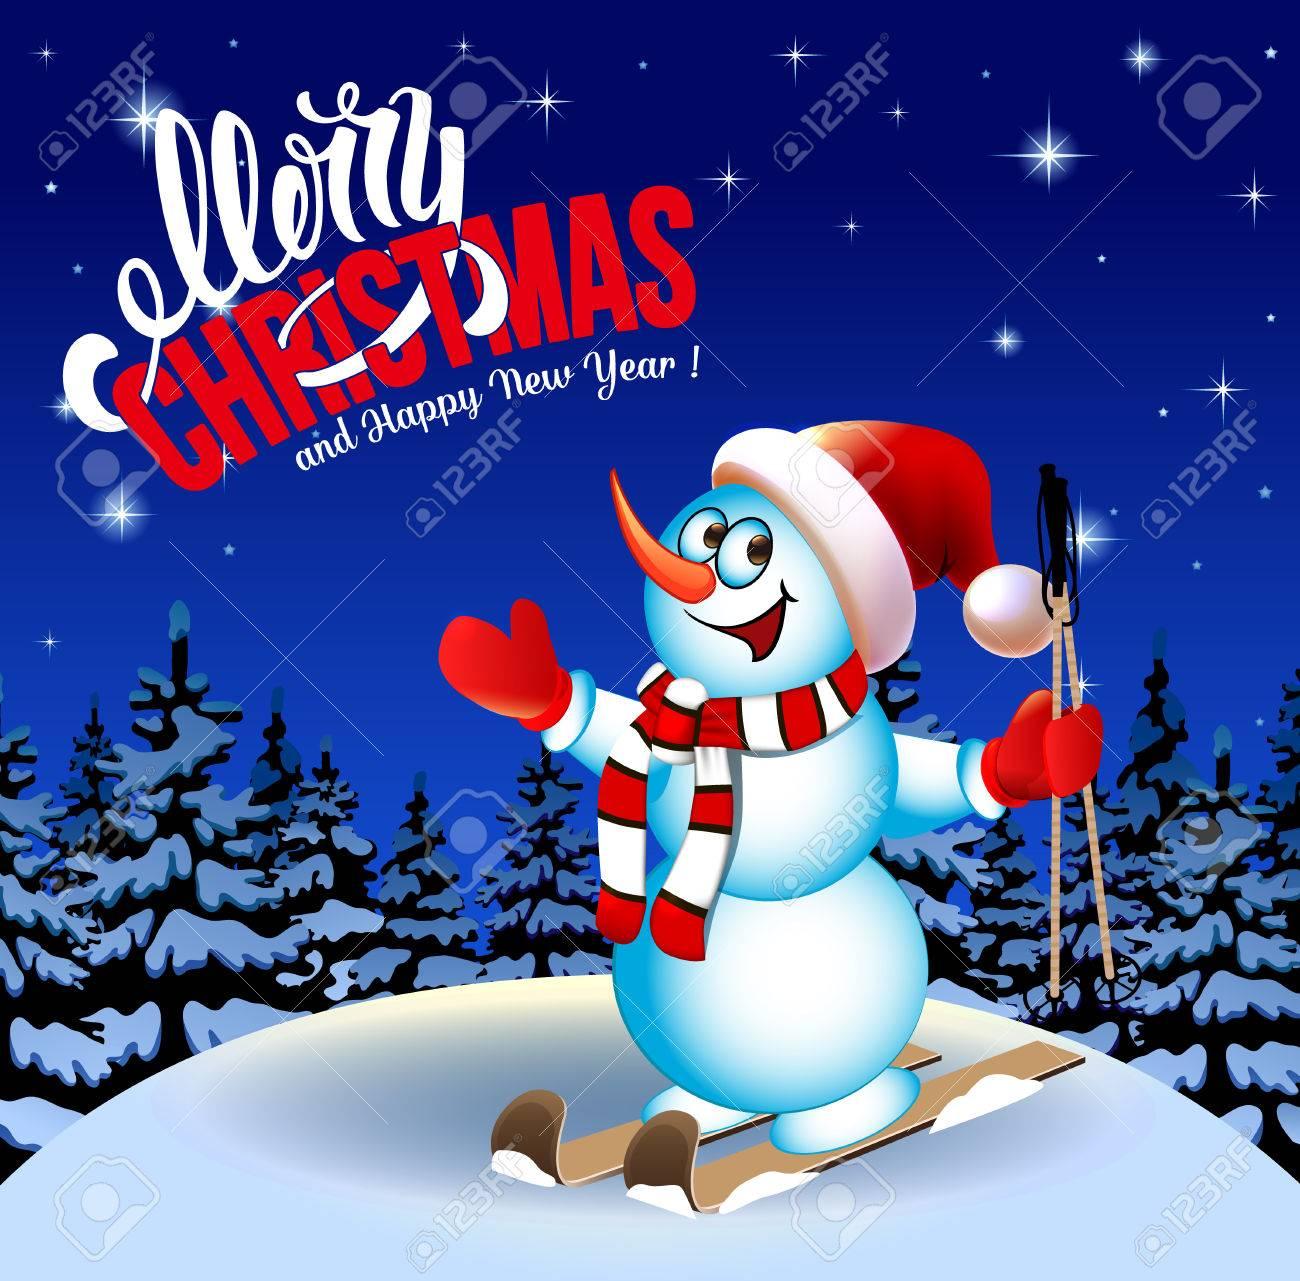 Joyeux Noël Et Bonne Année Félicitation Paysage D Hiver Bonhomme De Neige à Skis Dessin Animé Fond Outremer Saturé Illustration